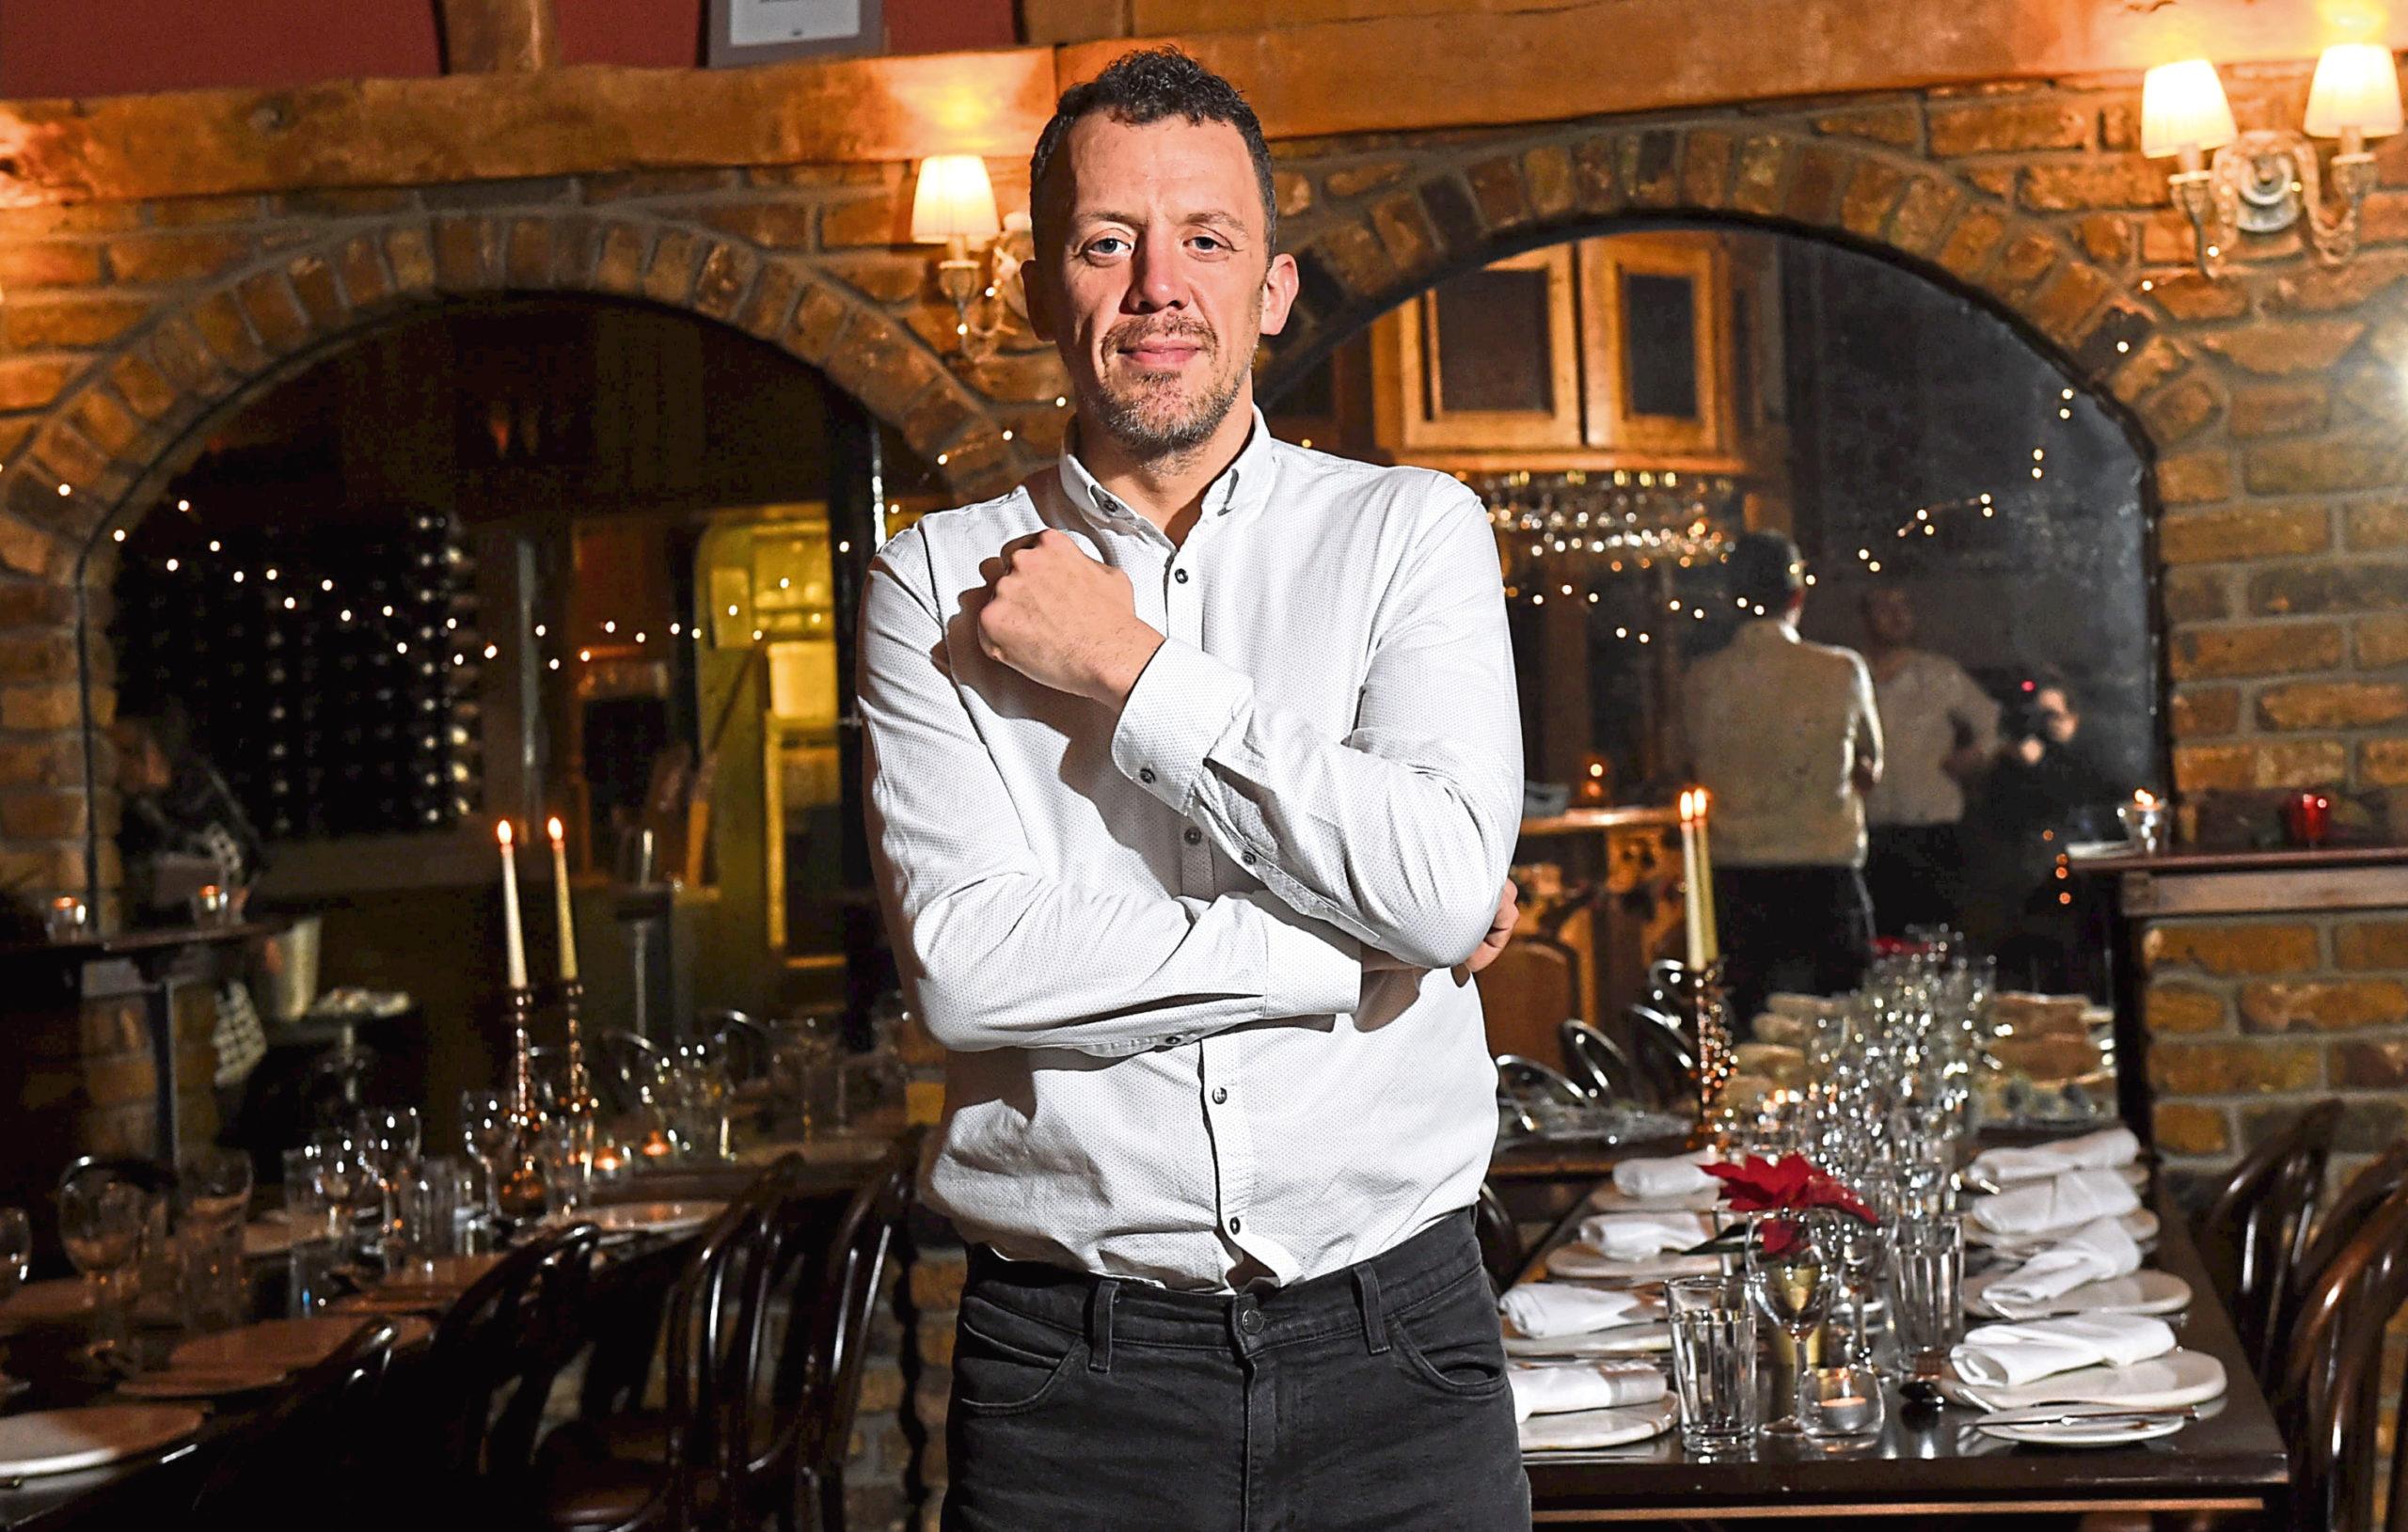 Cafe Boheme owner Paul Mair